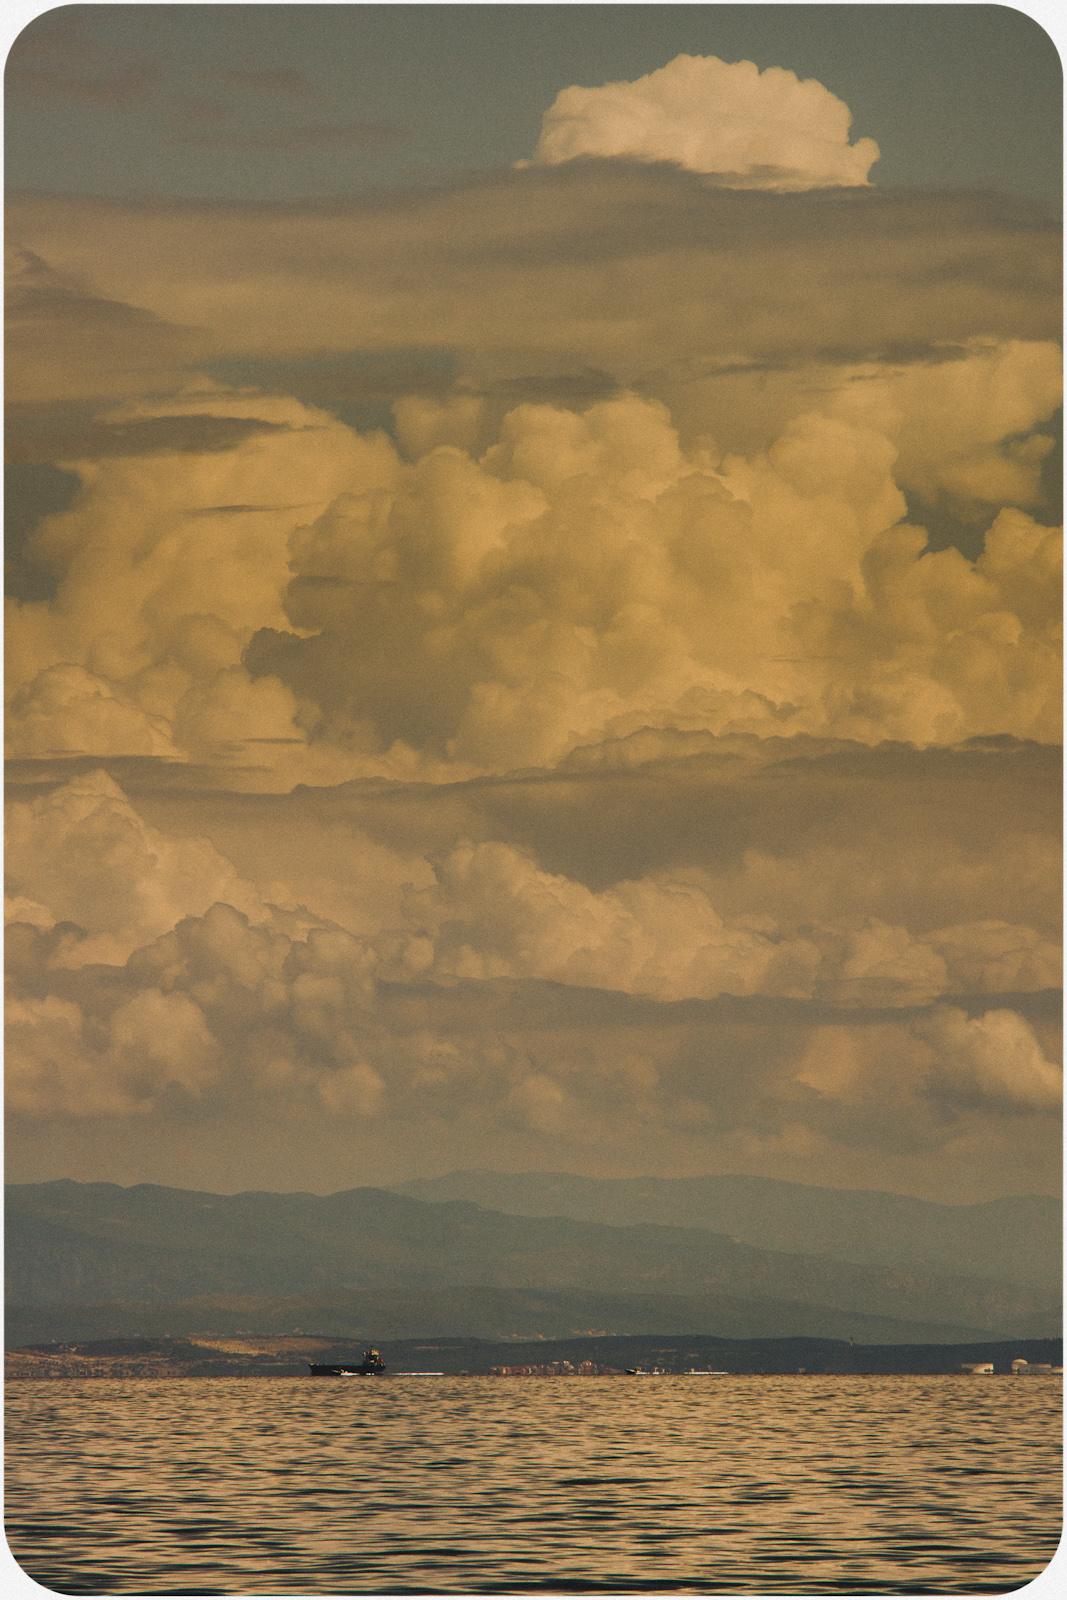 Burza nad Adriatykiem. fot. Łukasz Cyrus